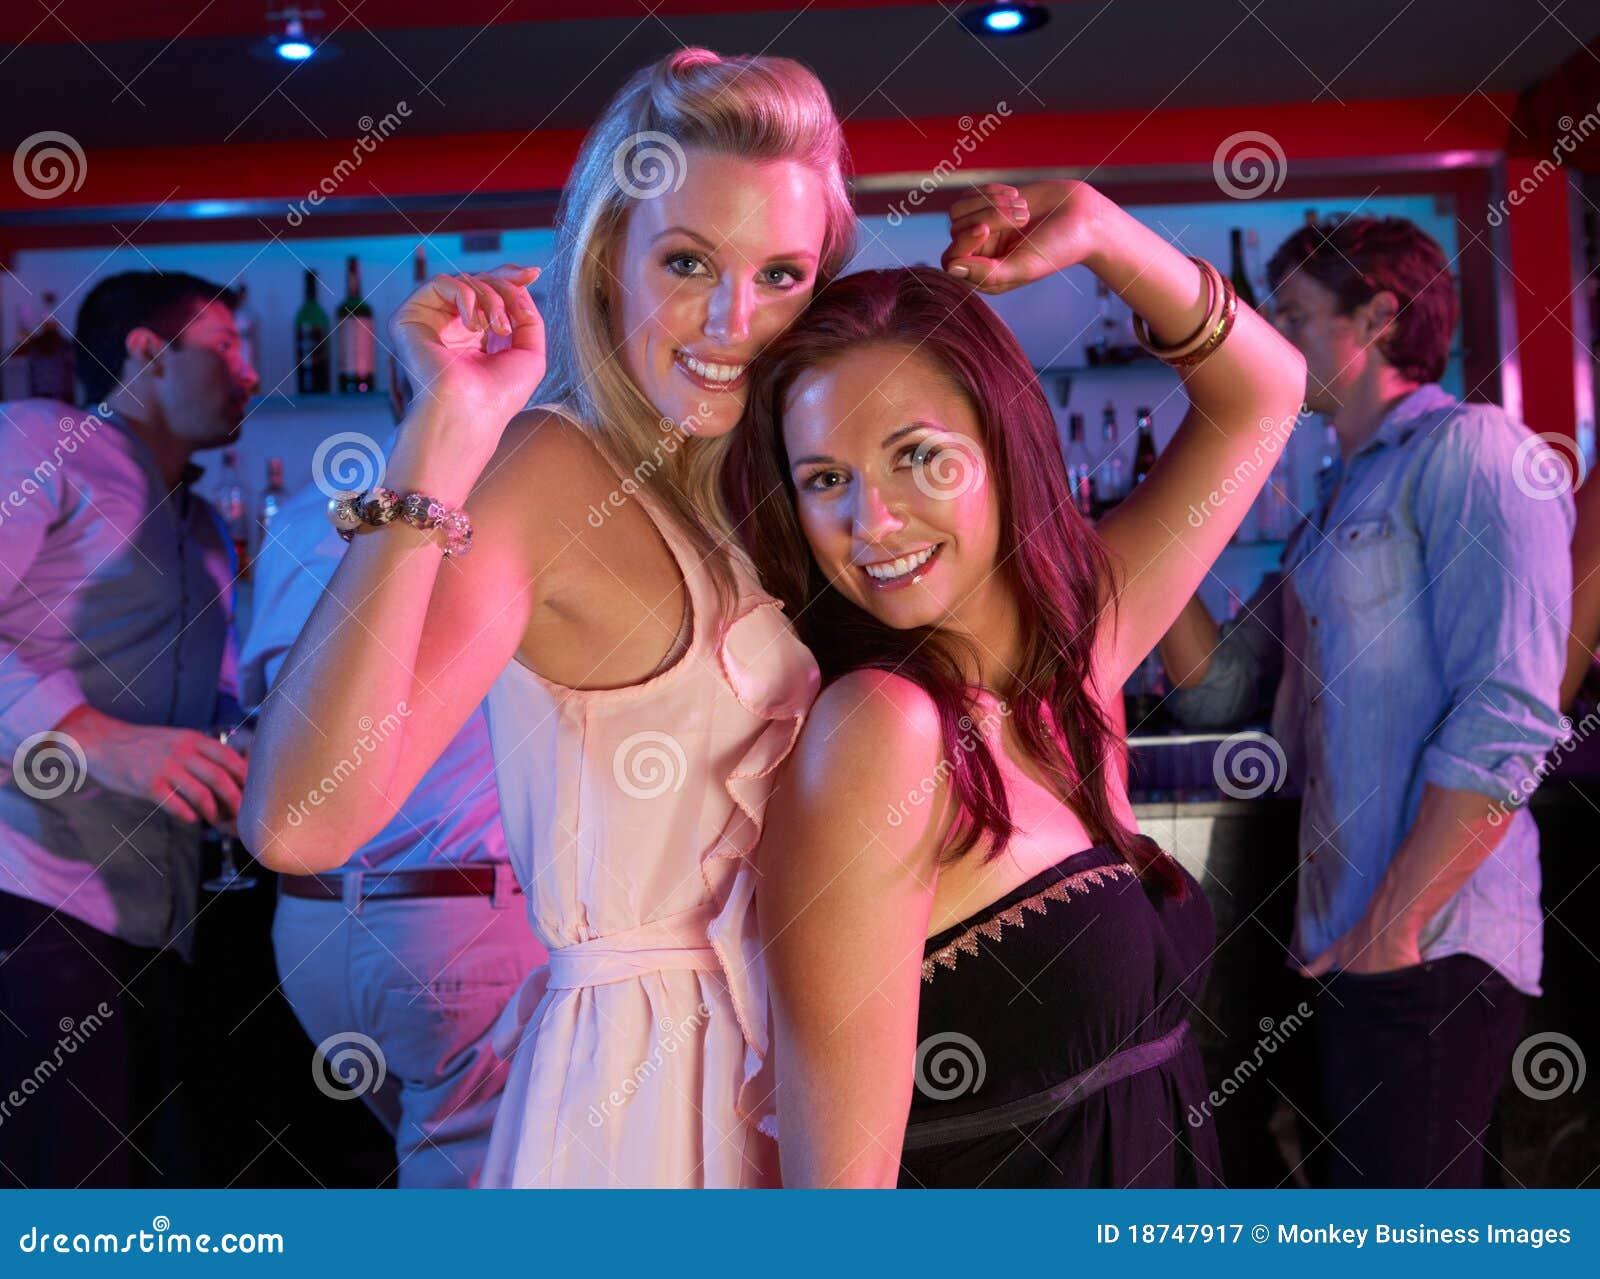 Фото девушек в ночных клубах 16 фотография